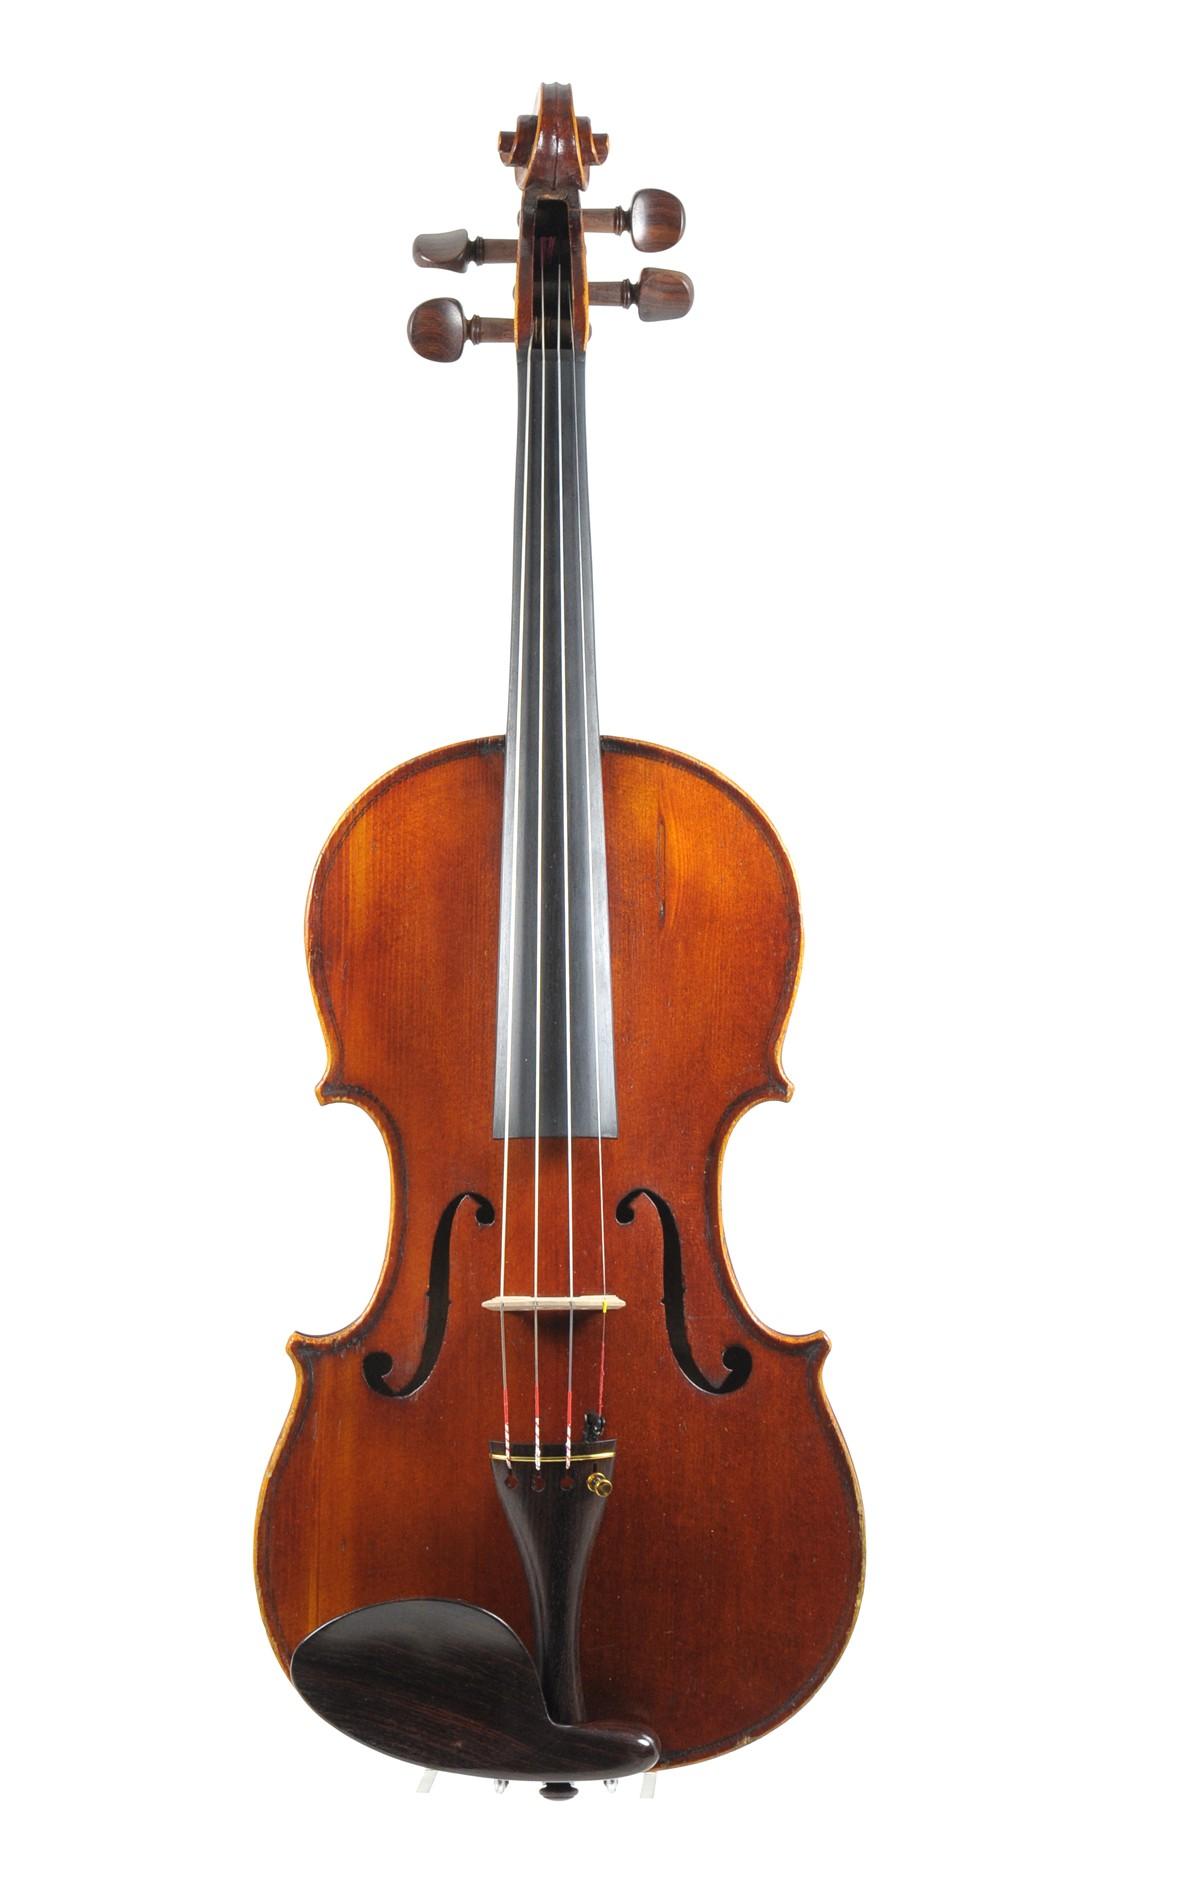 Medio Fino violin, JTL Mirecourt, approx. 1880 - top